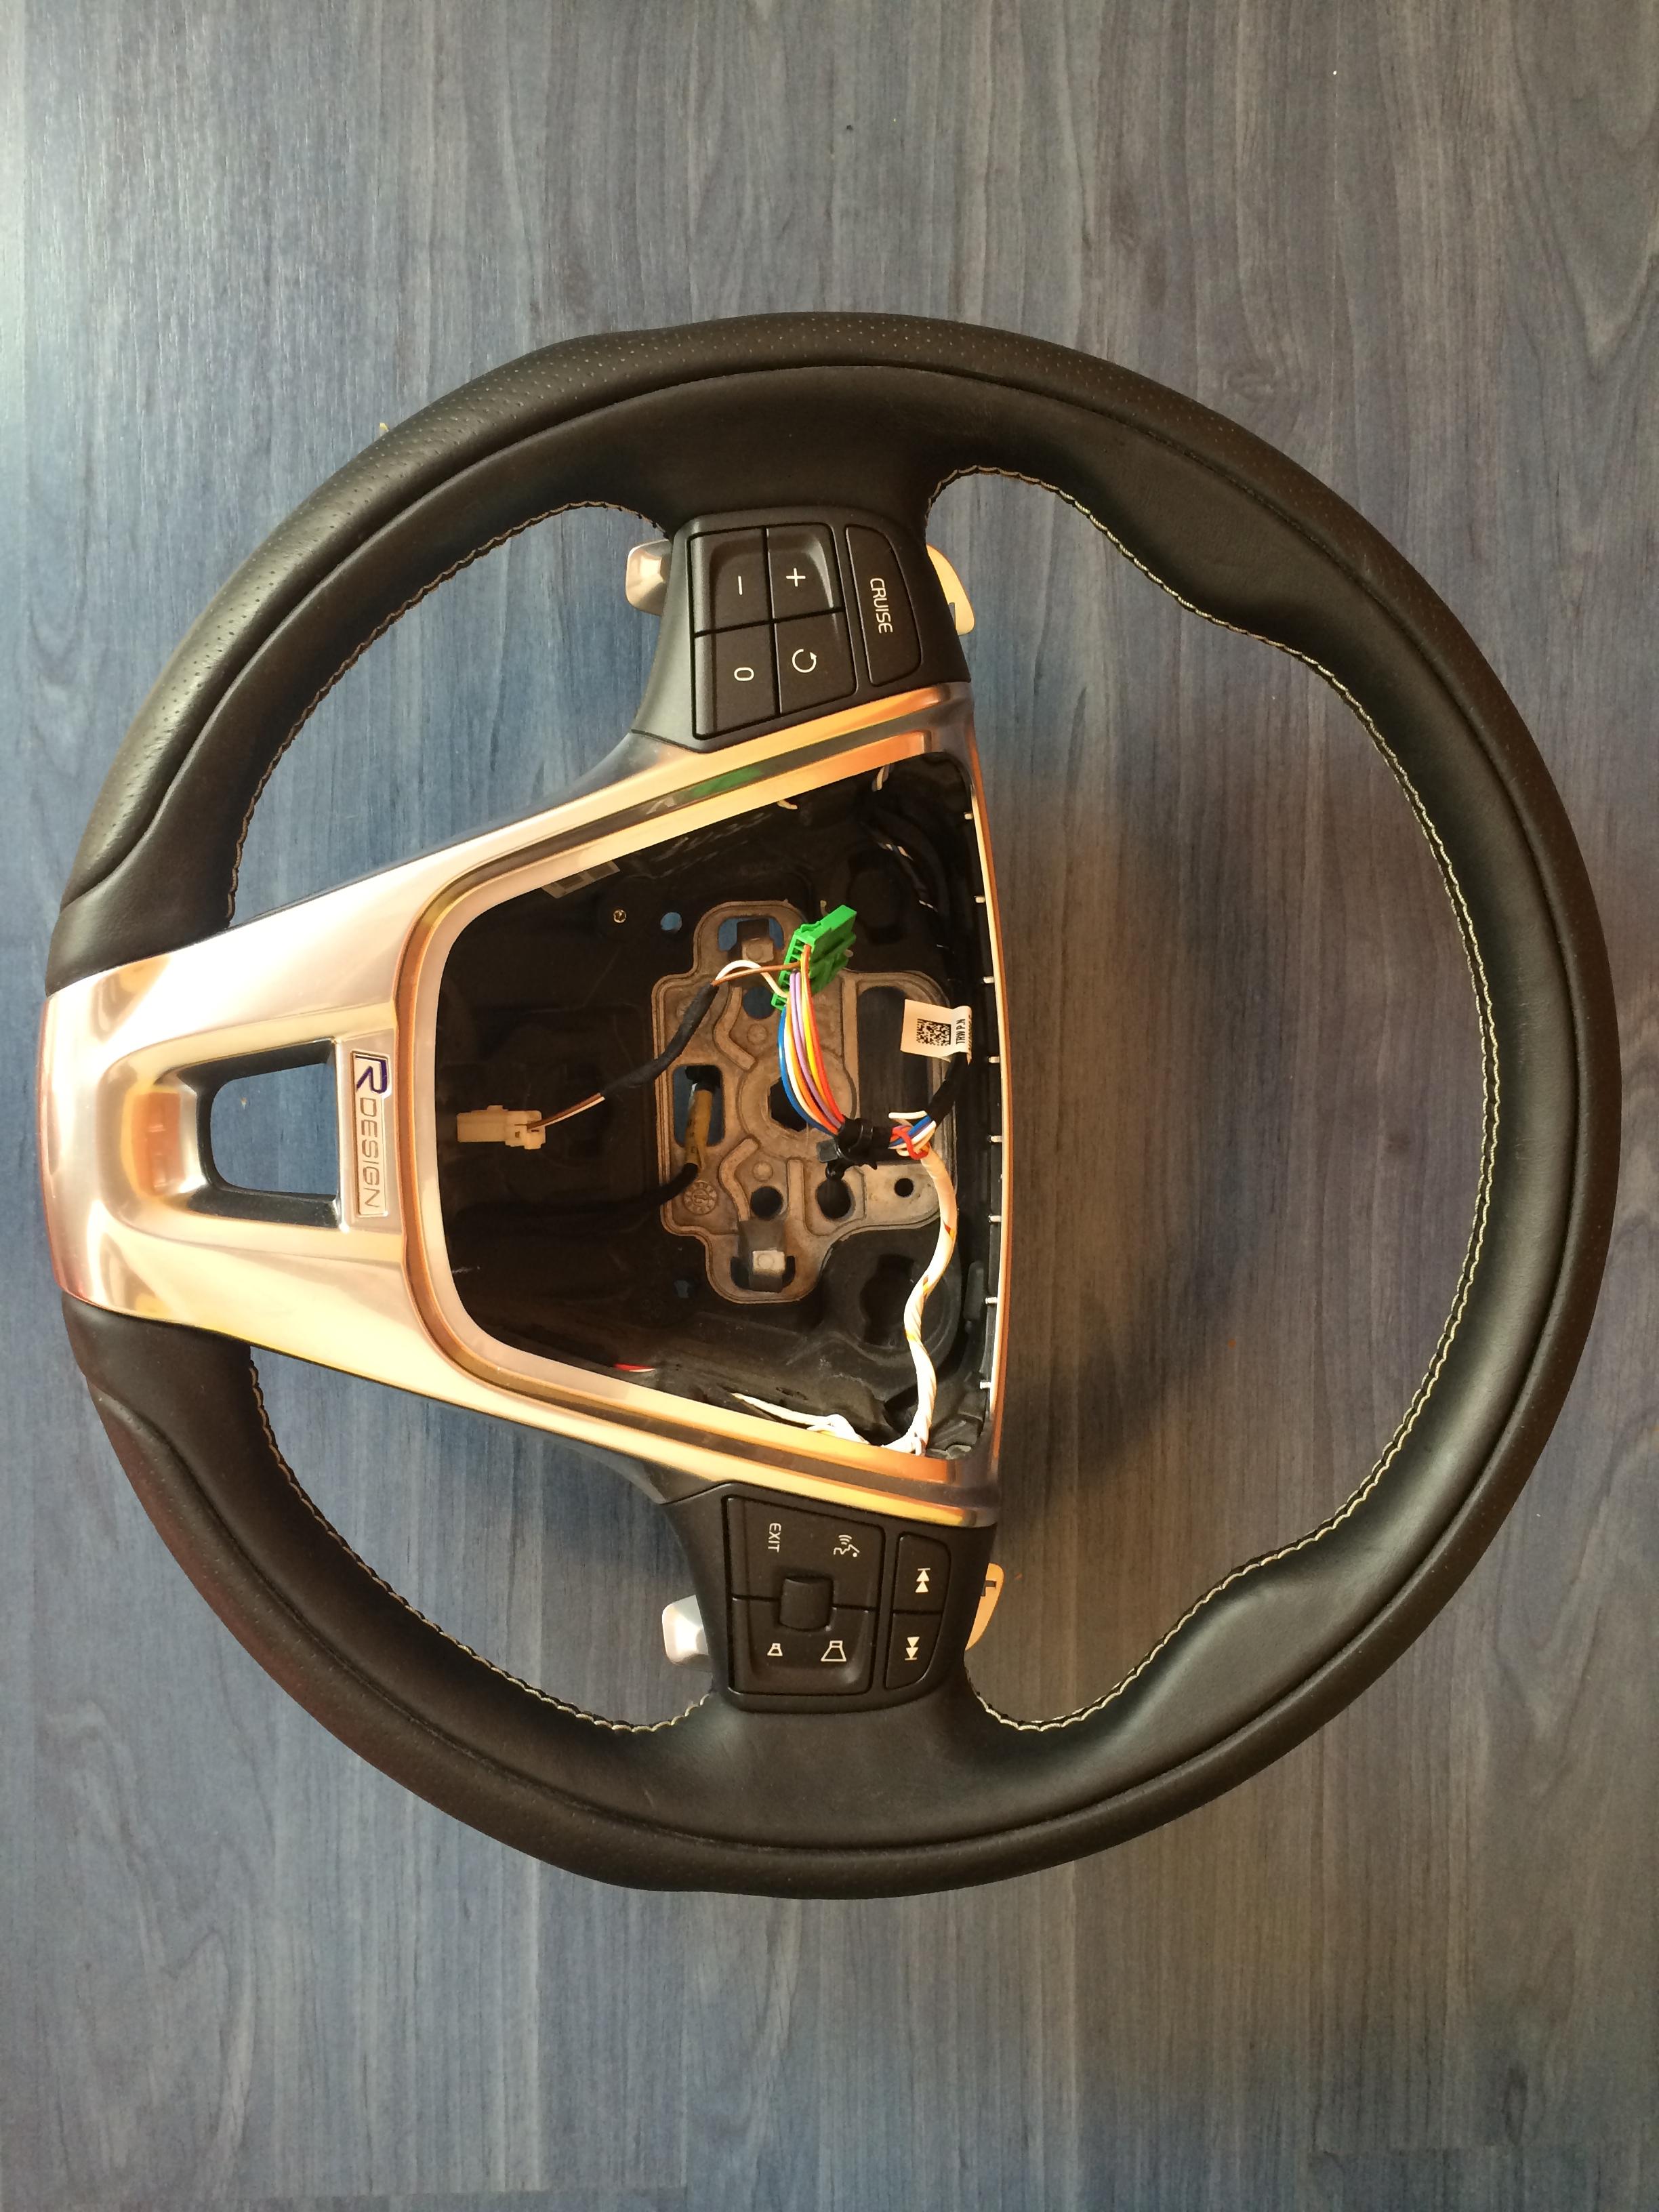 Volvo S60 V60 Xc60 Steering Wheel R Design W Paddle